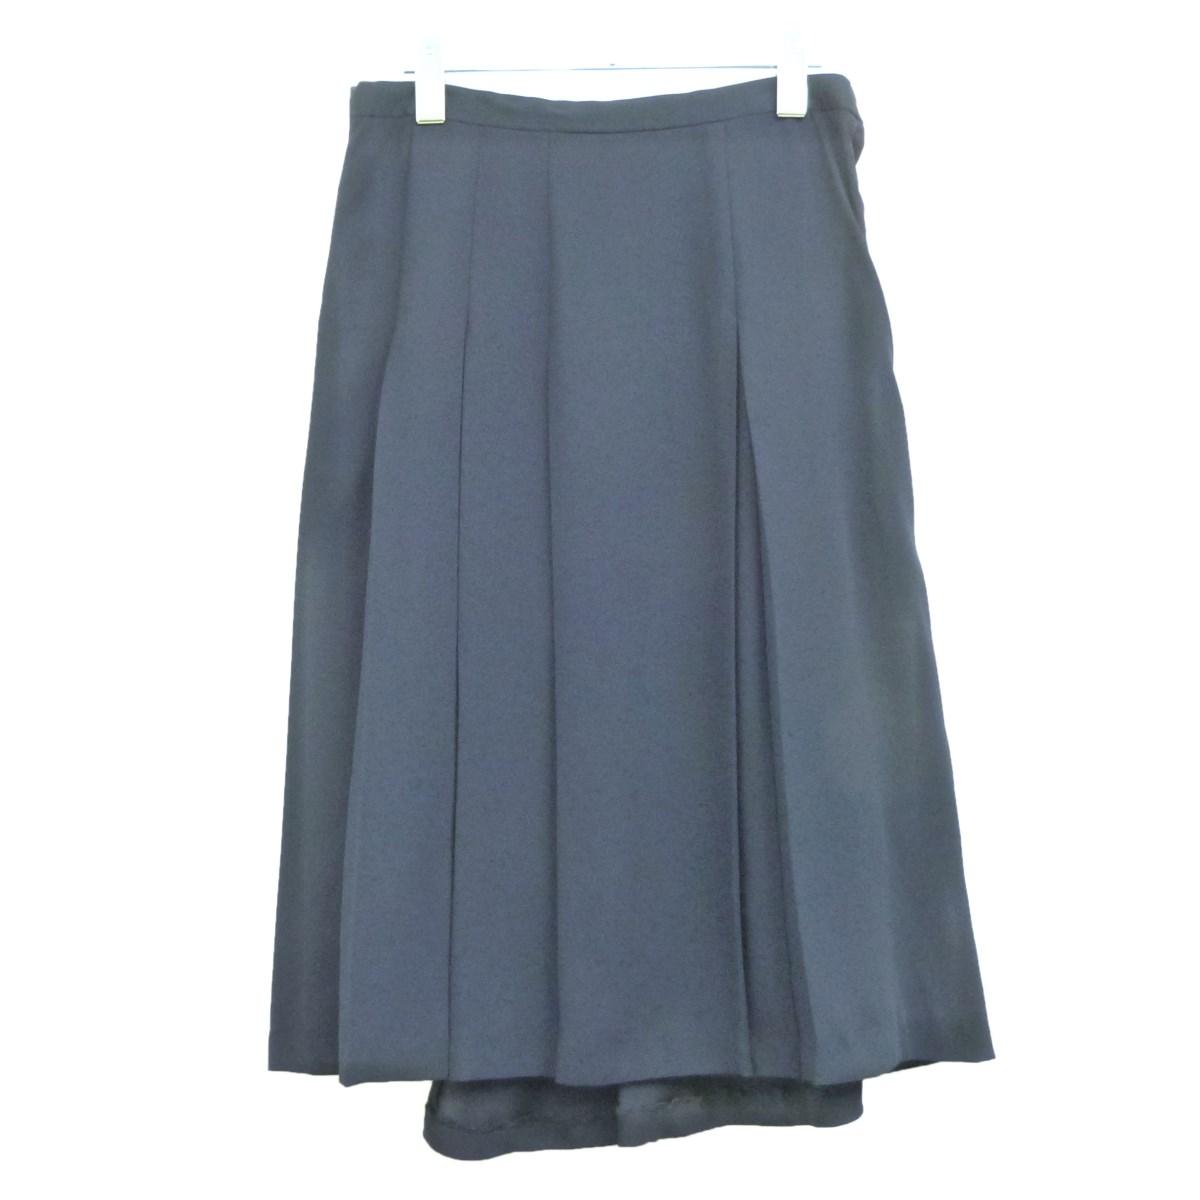 【中古】sue UNDER COVER 18AWプリーツギャザースカート ネイビー サイズ:2 【050220】(スーアンダーカバー)